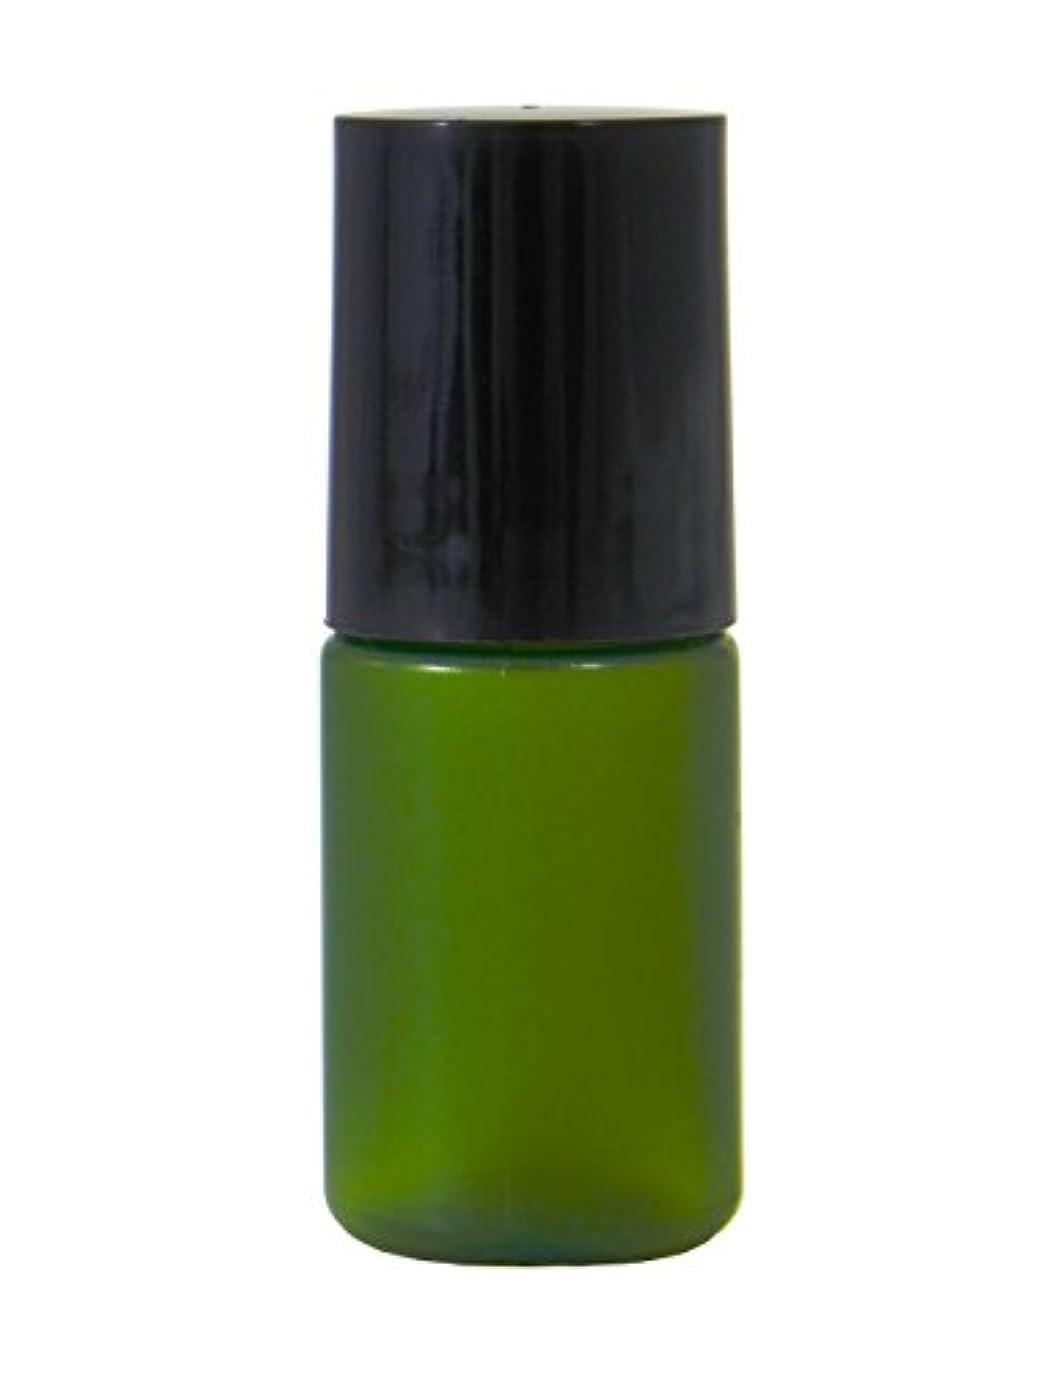 ご注意わな突撃ミニボトル容器 化粧品容器 グリーン 5ml 100個セット